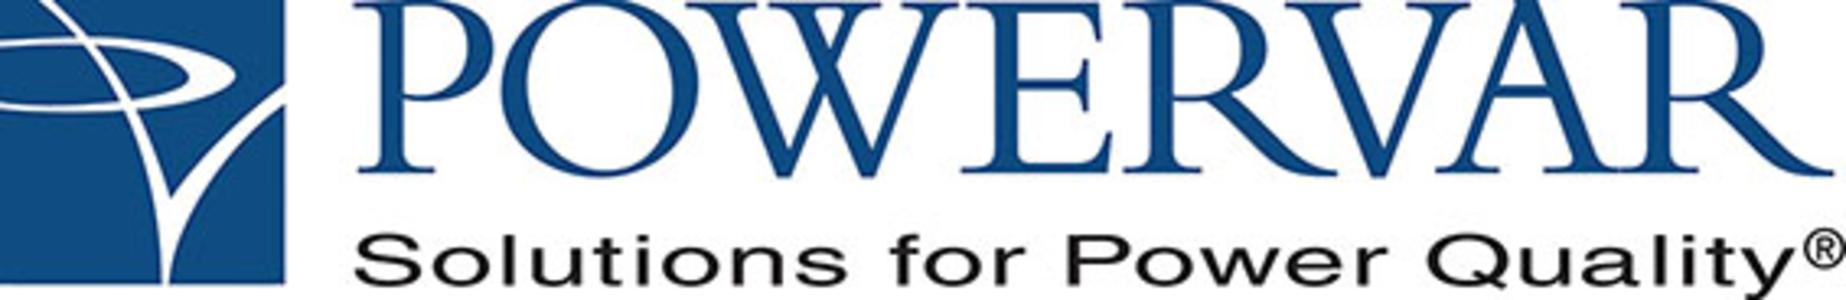 Powervar Restaurant POS System Power Ground Conditioner